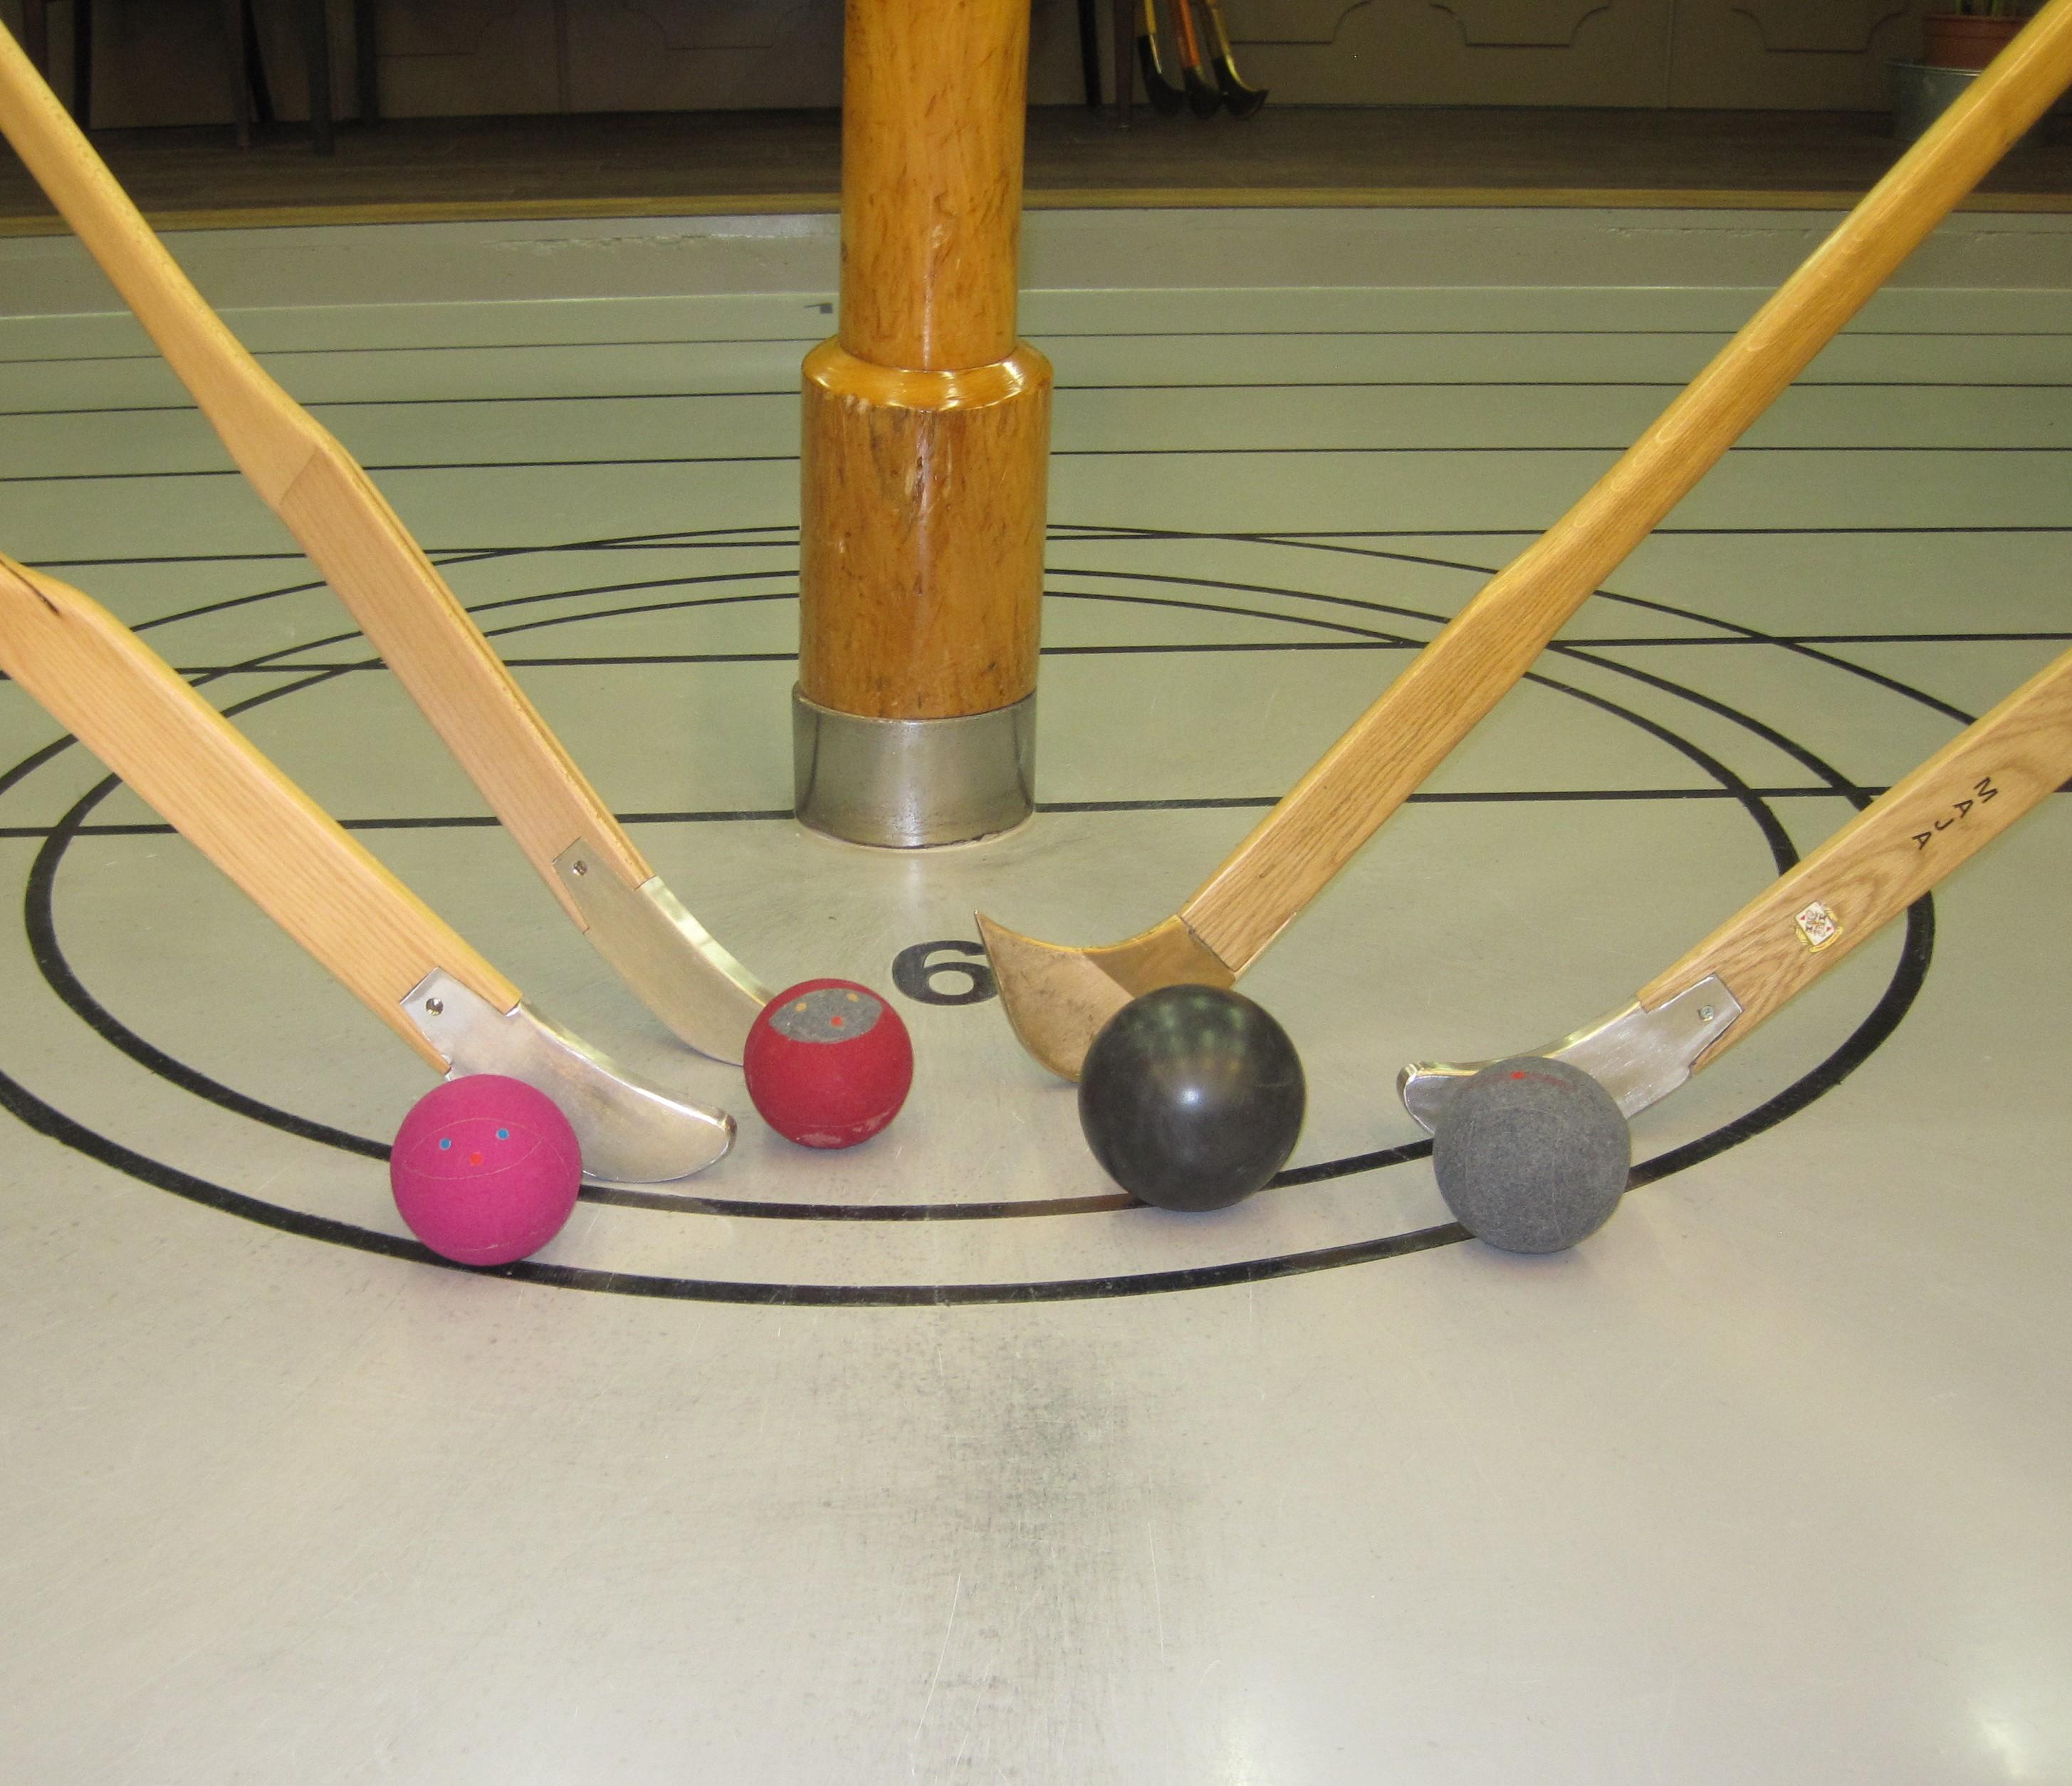 Met behulp van een zogenaamde hockeystick, de kliek, probeert de speler een bal van de ene paal naar de andere paal te spelen. (Foto: aangeleverd)